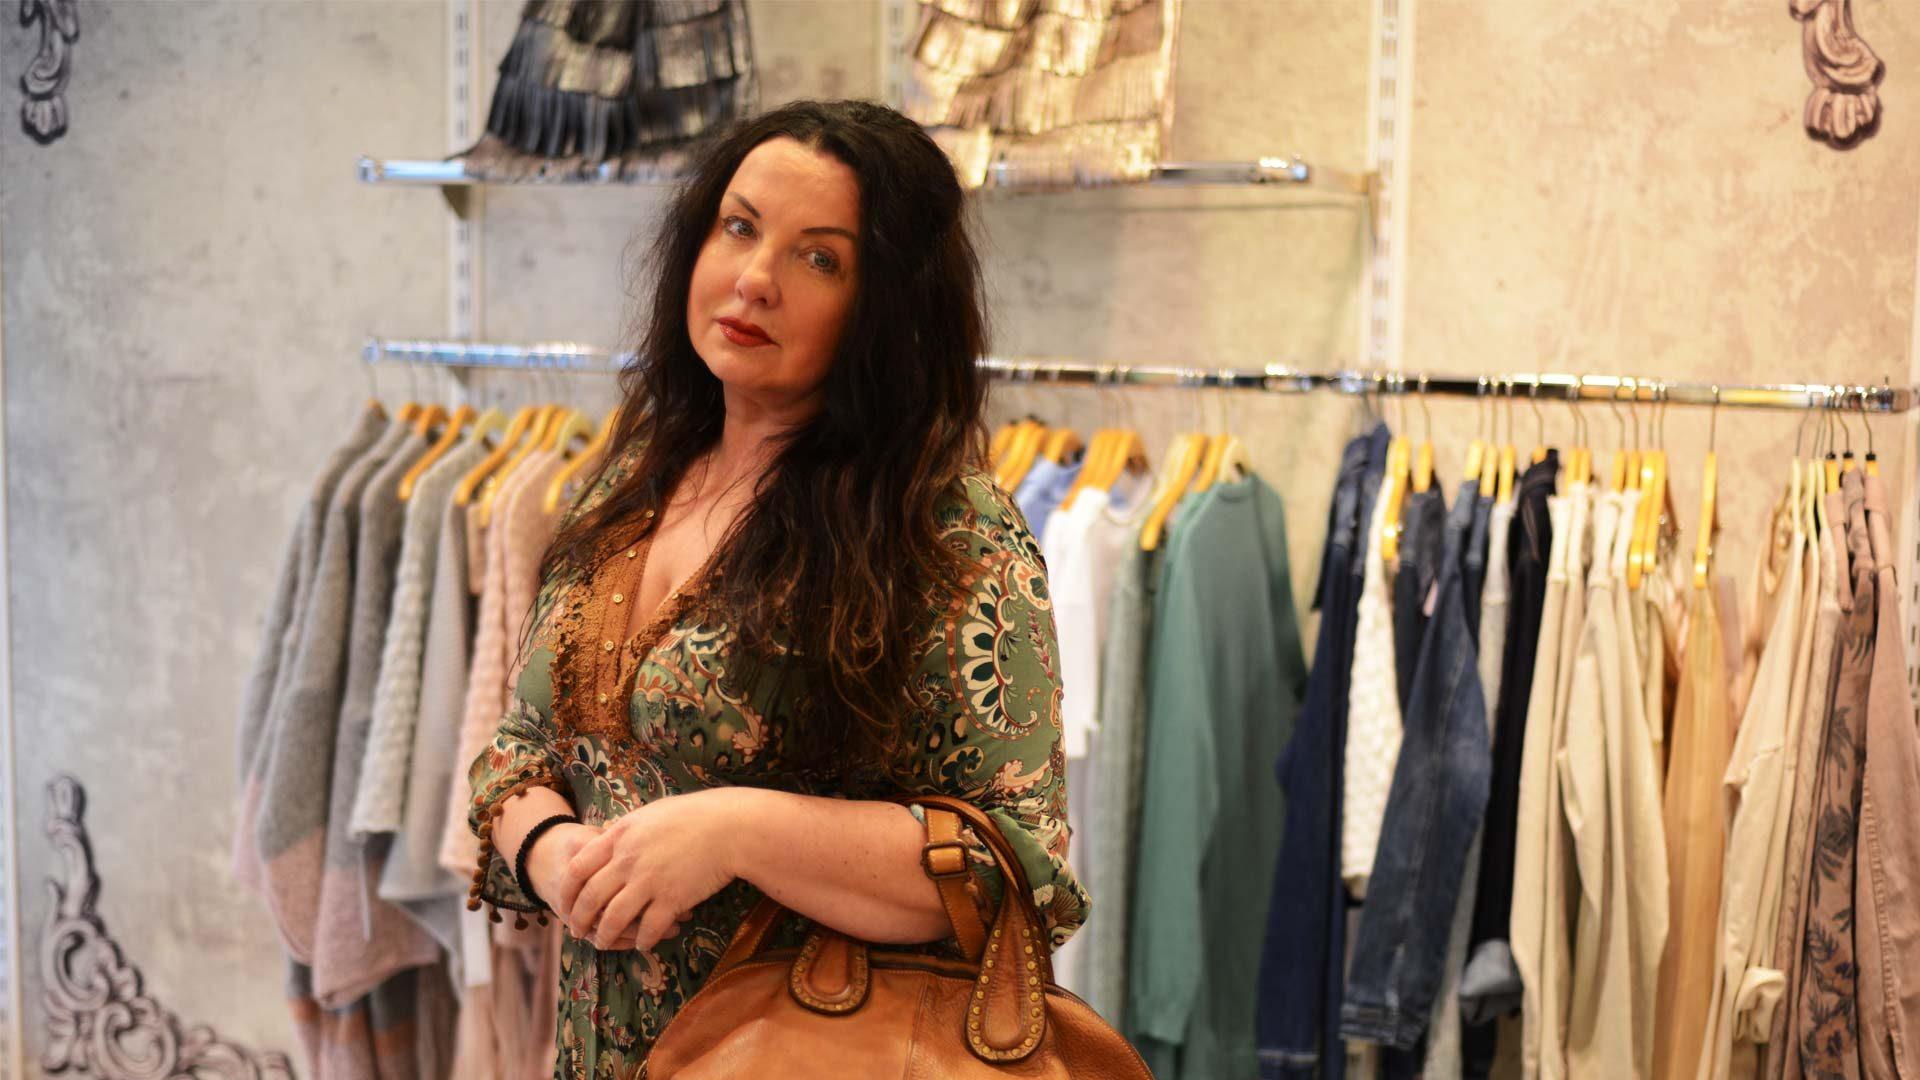 Manuela Trapp von Lustobjekte in Ansbach